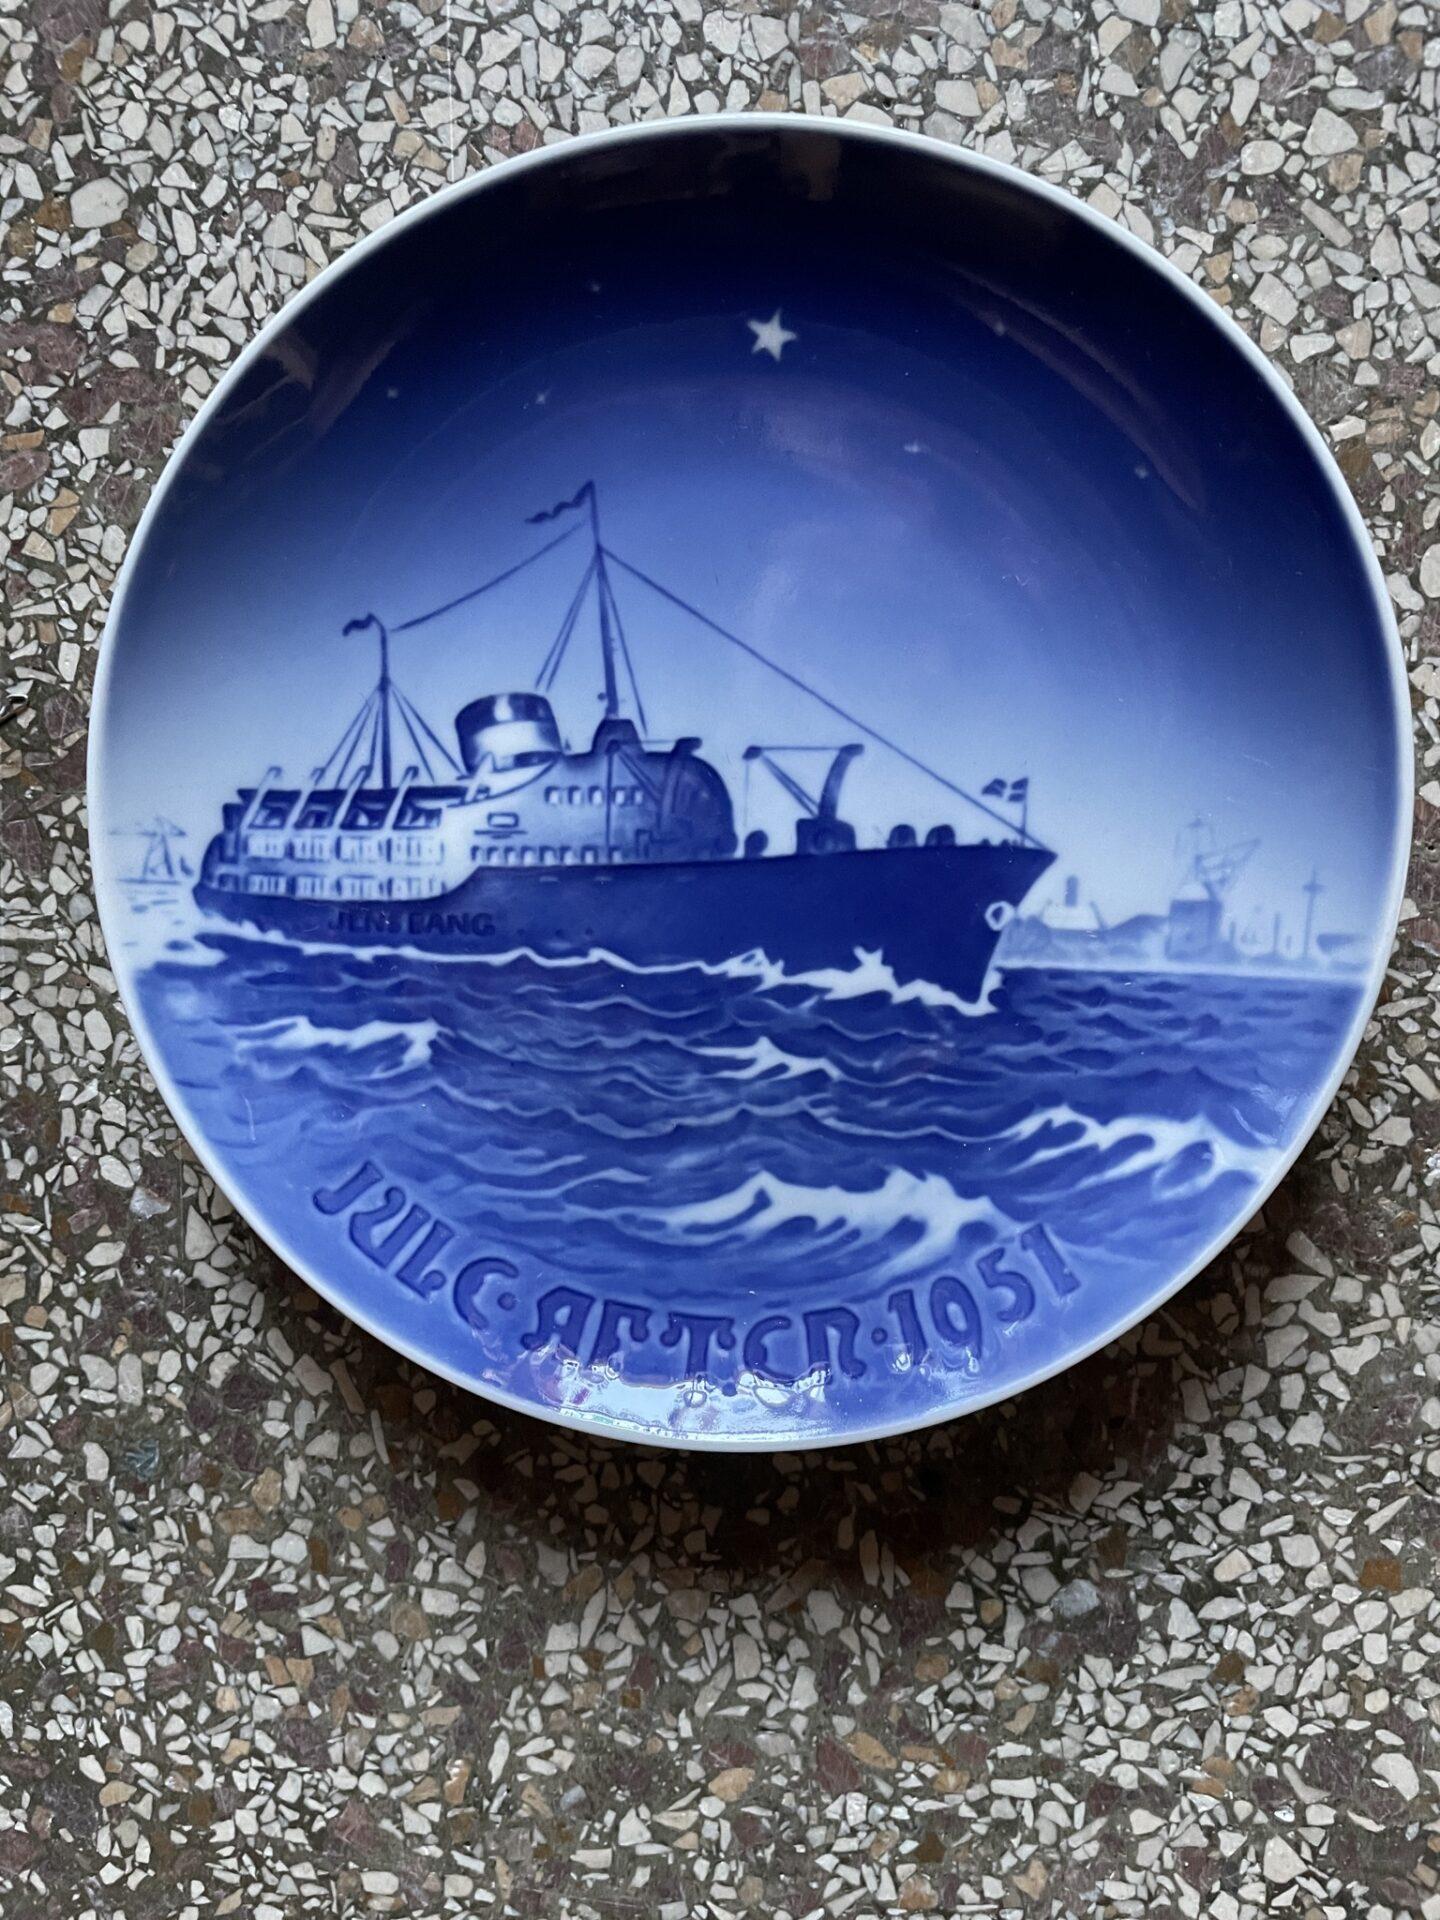 B&G juleplatte 1951 (Aalborgbåden M/S Jens Bang) pris 250 kr.